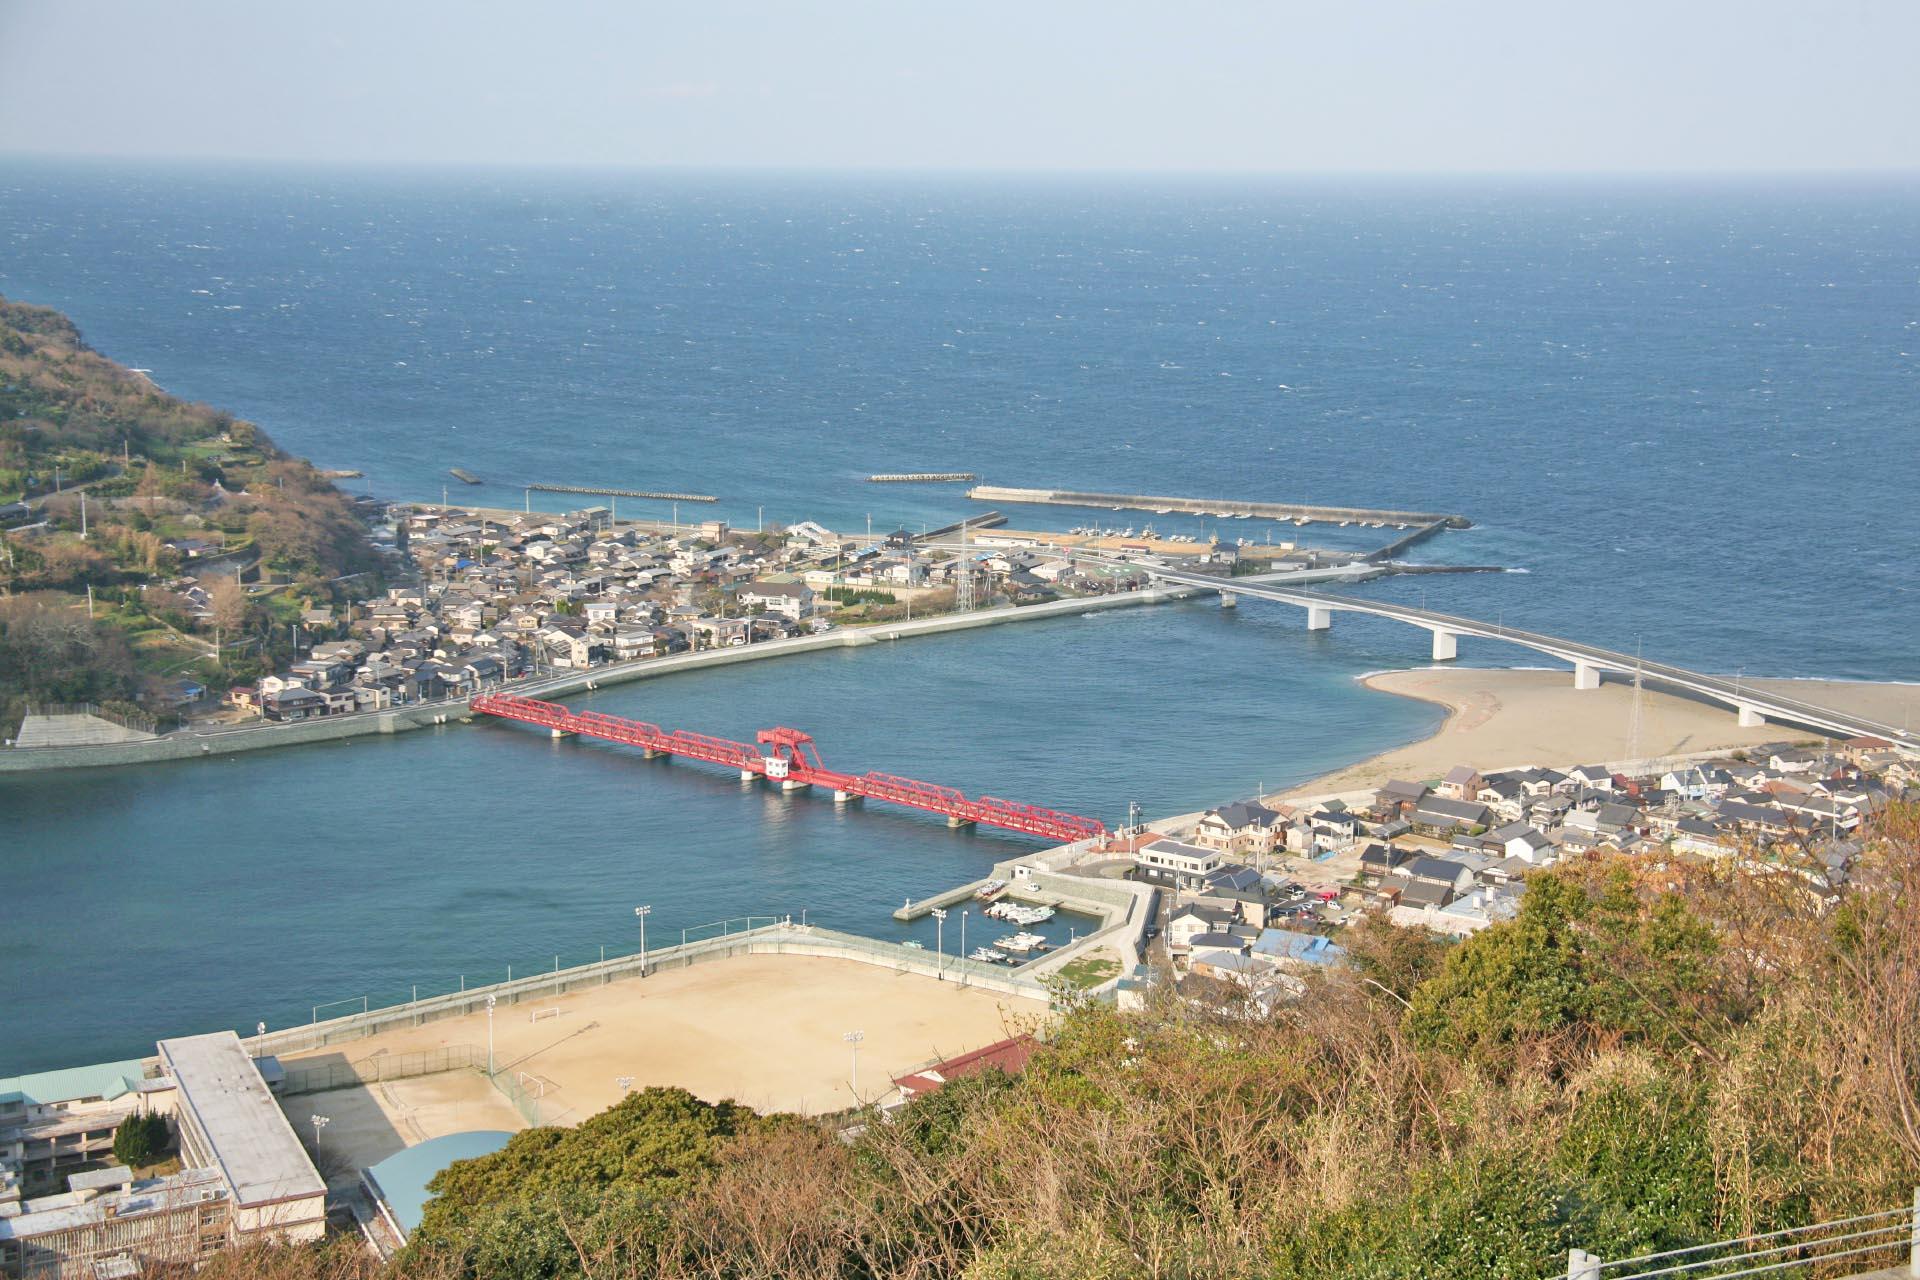 長浜大橋と肱川河口と伊予灘 愛媛の風景